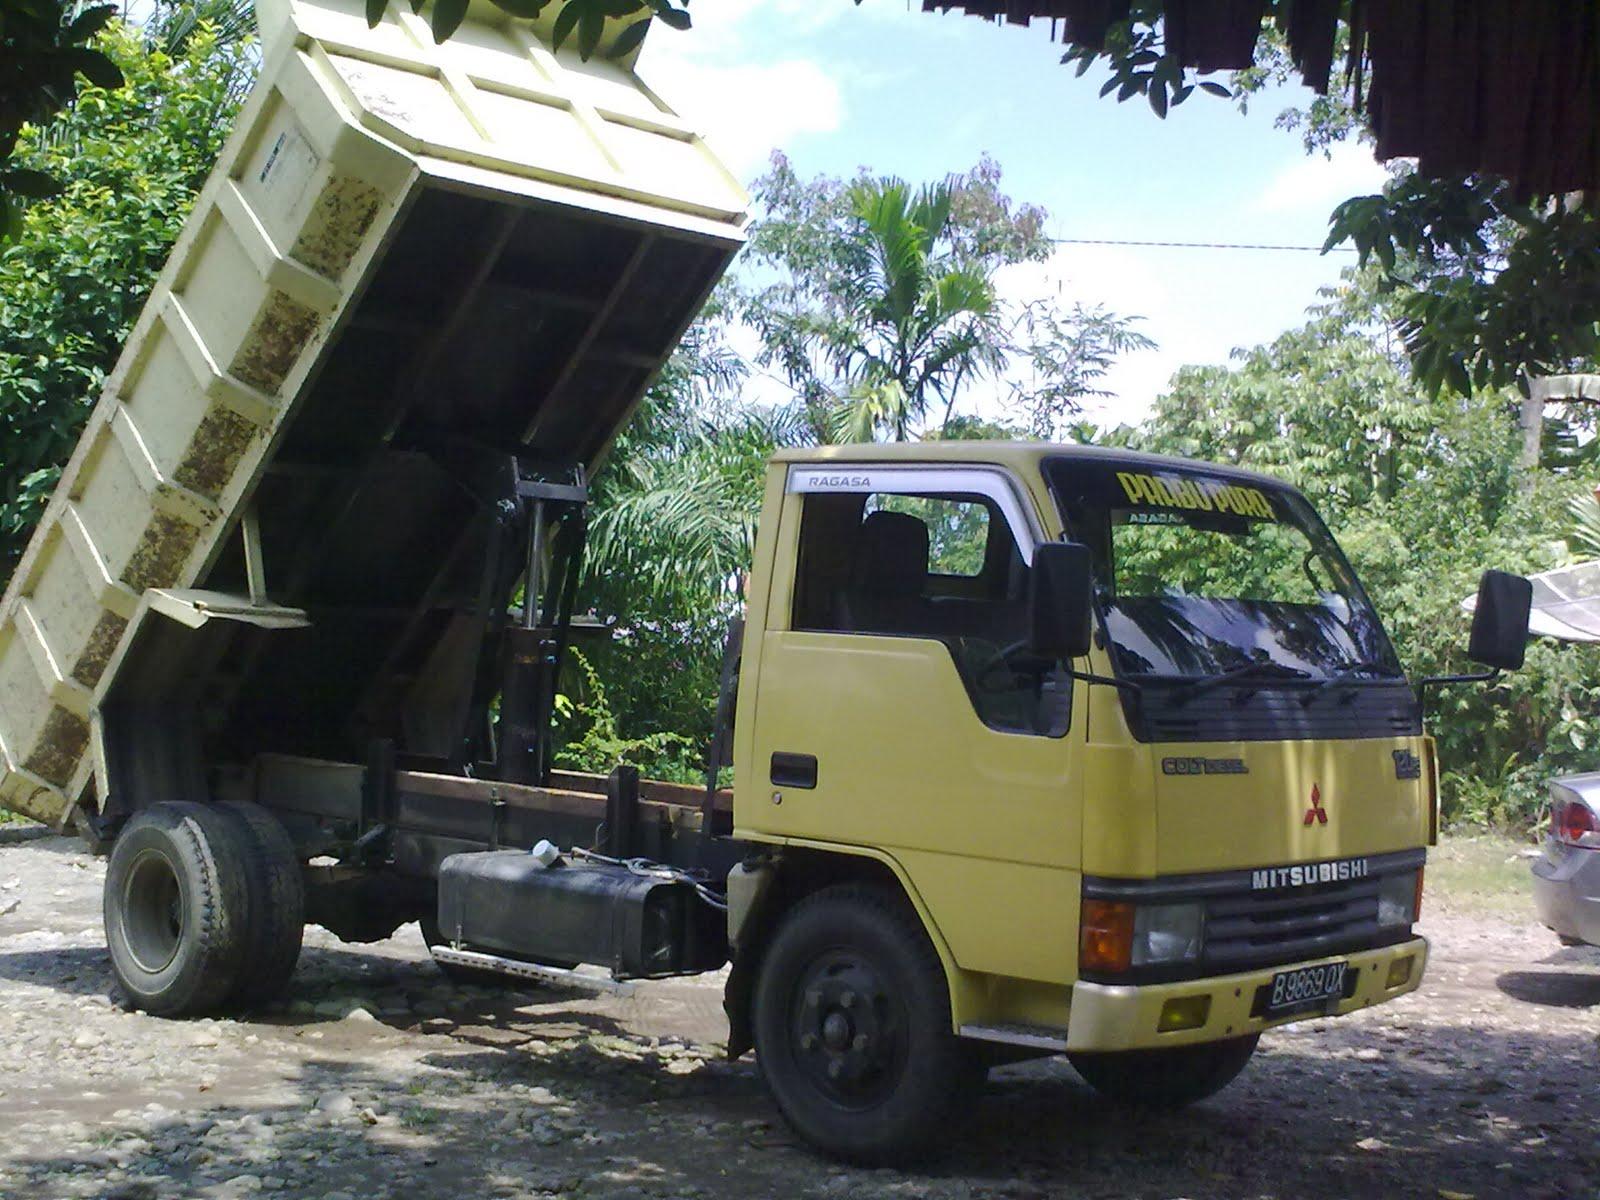 Kelebihan Kekurangan Dump Truck Bekas Harga